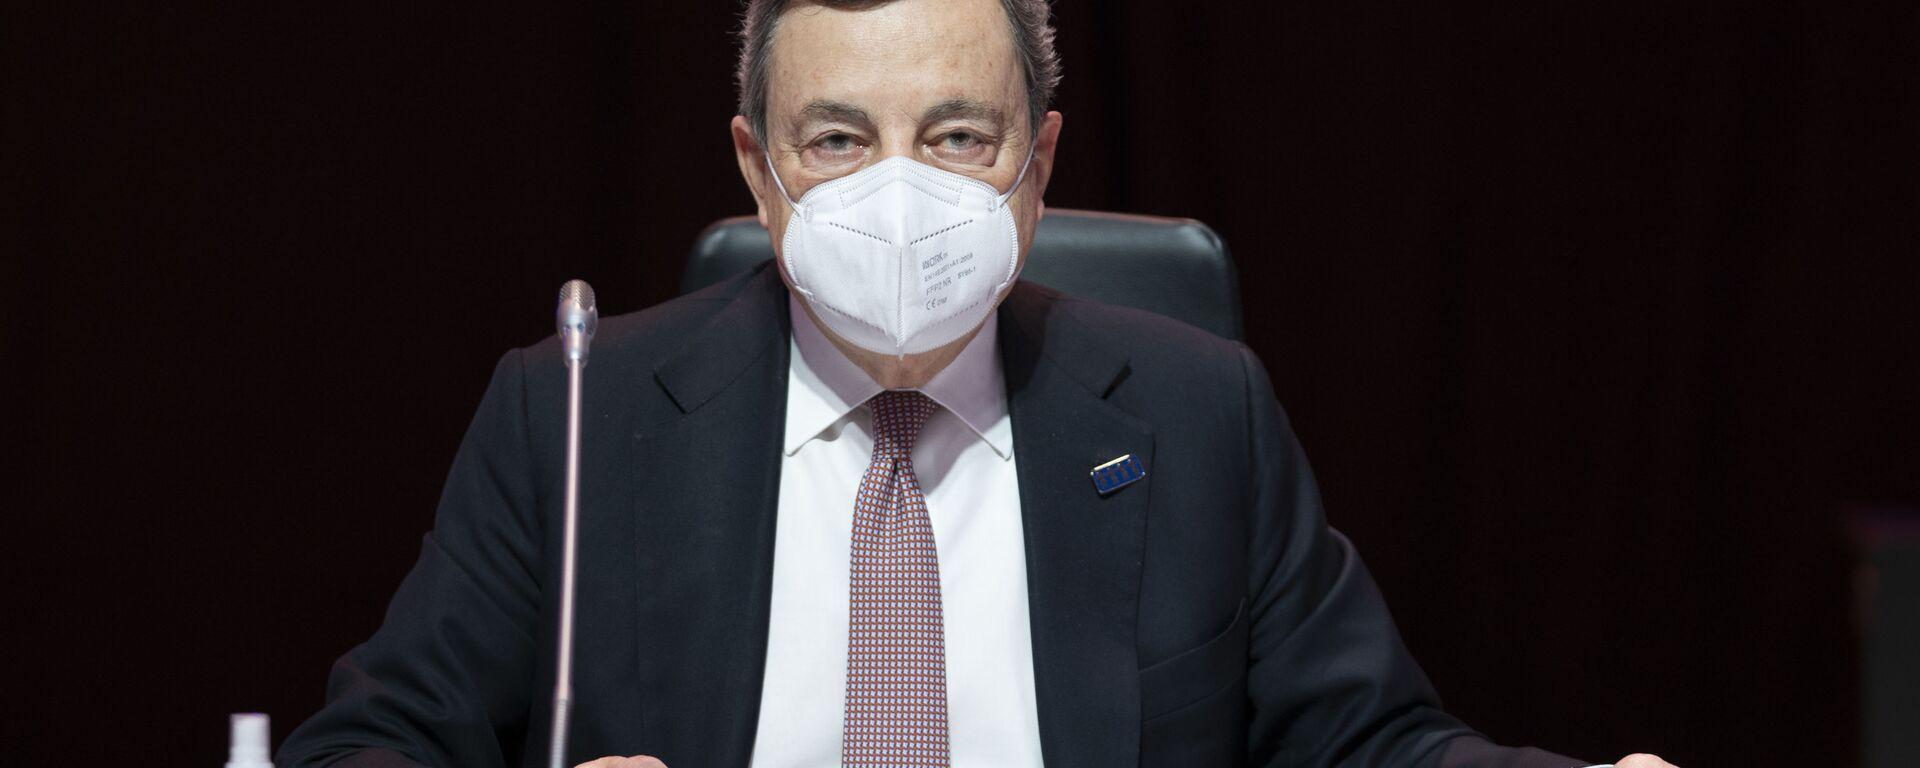 Il Presidente del Consiglio, Mario Draghi, alla Riunione informale dei Capi di Stato e di Governo del Consiglio europeo. - Sputnik Italia, 1920, 08.05.2021